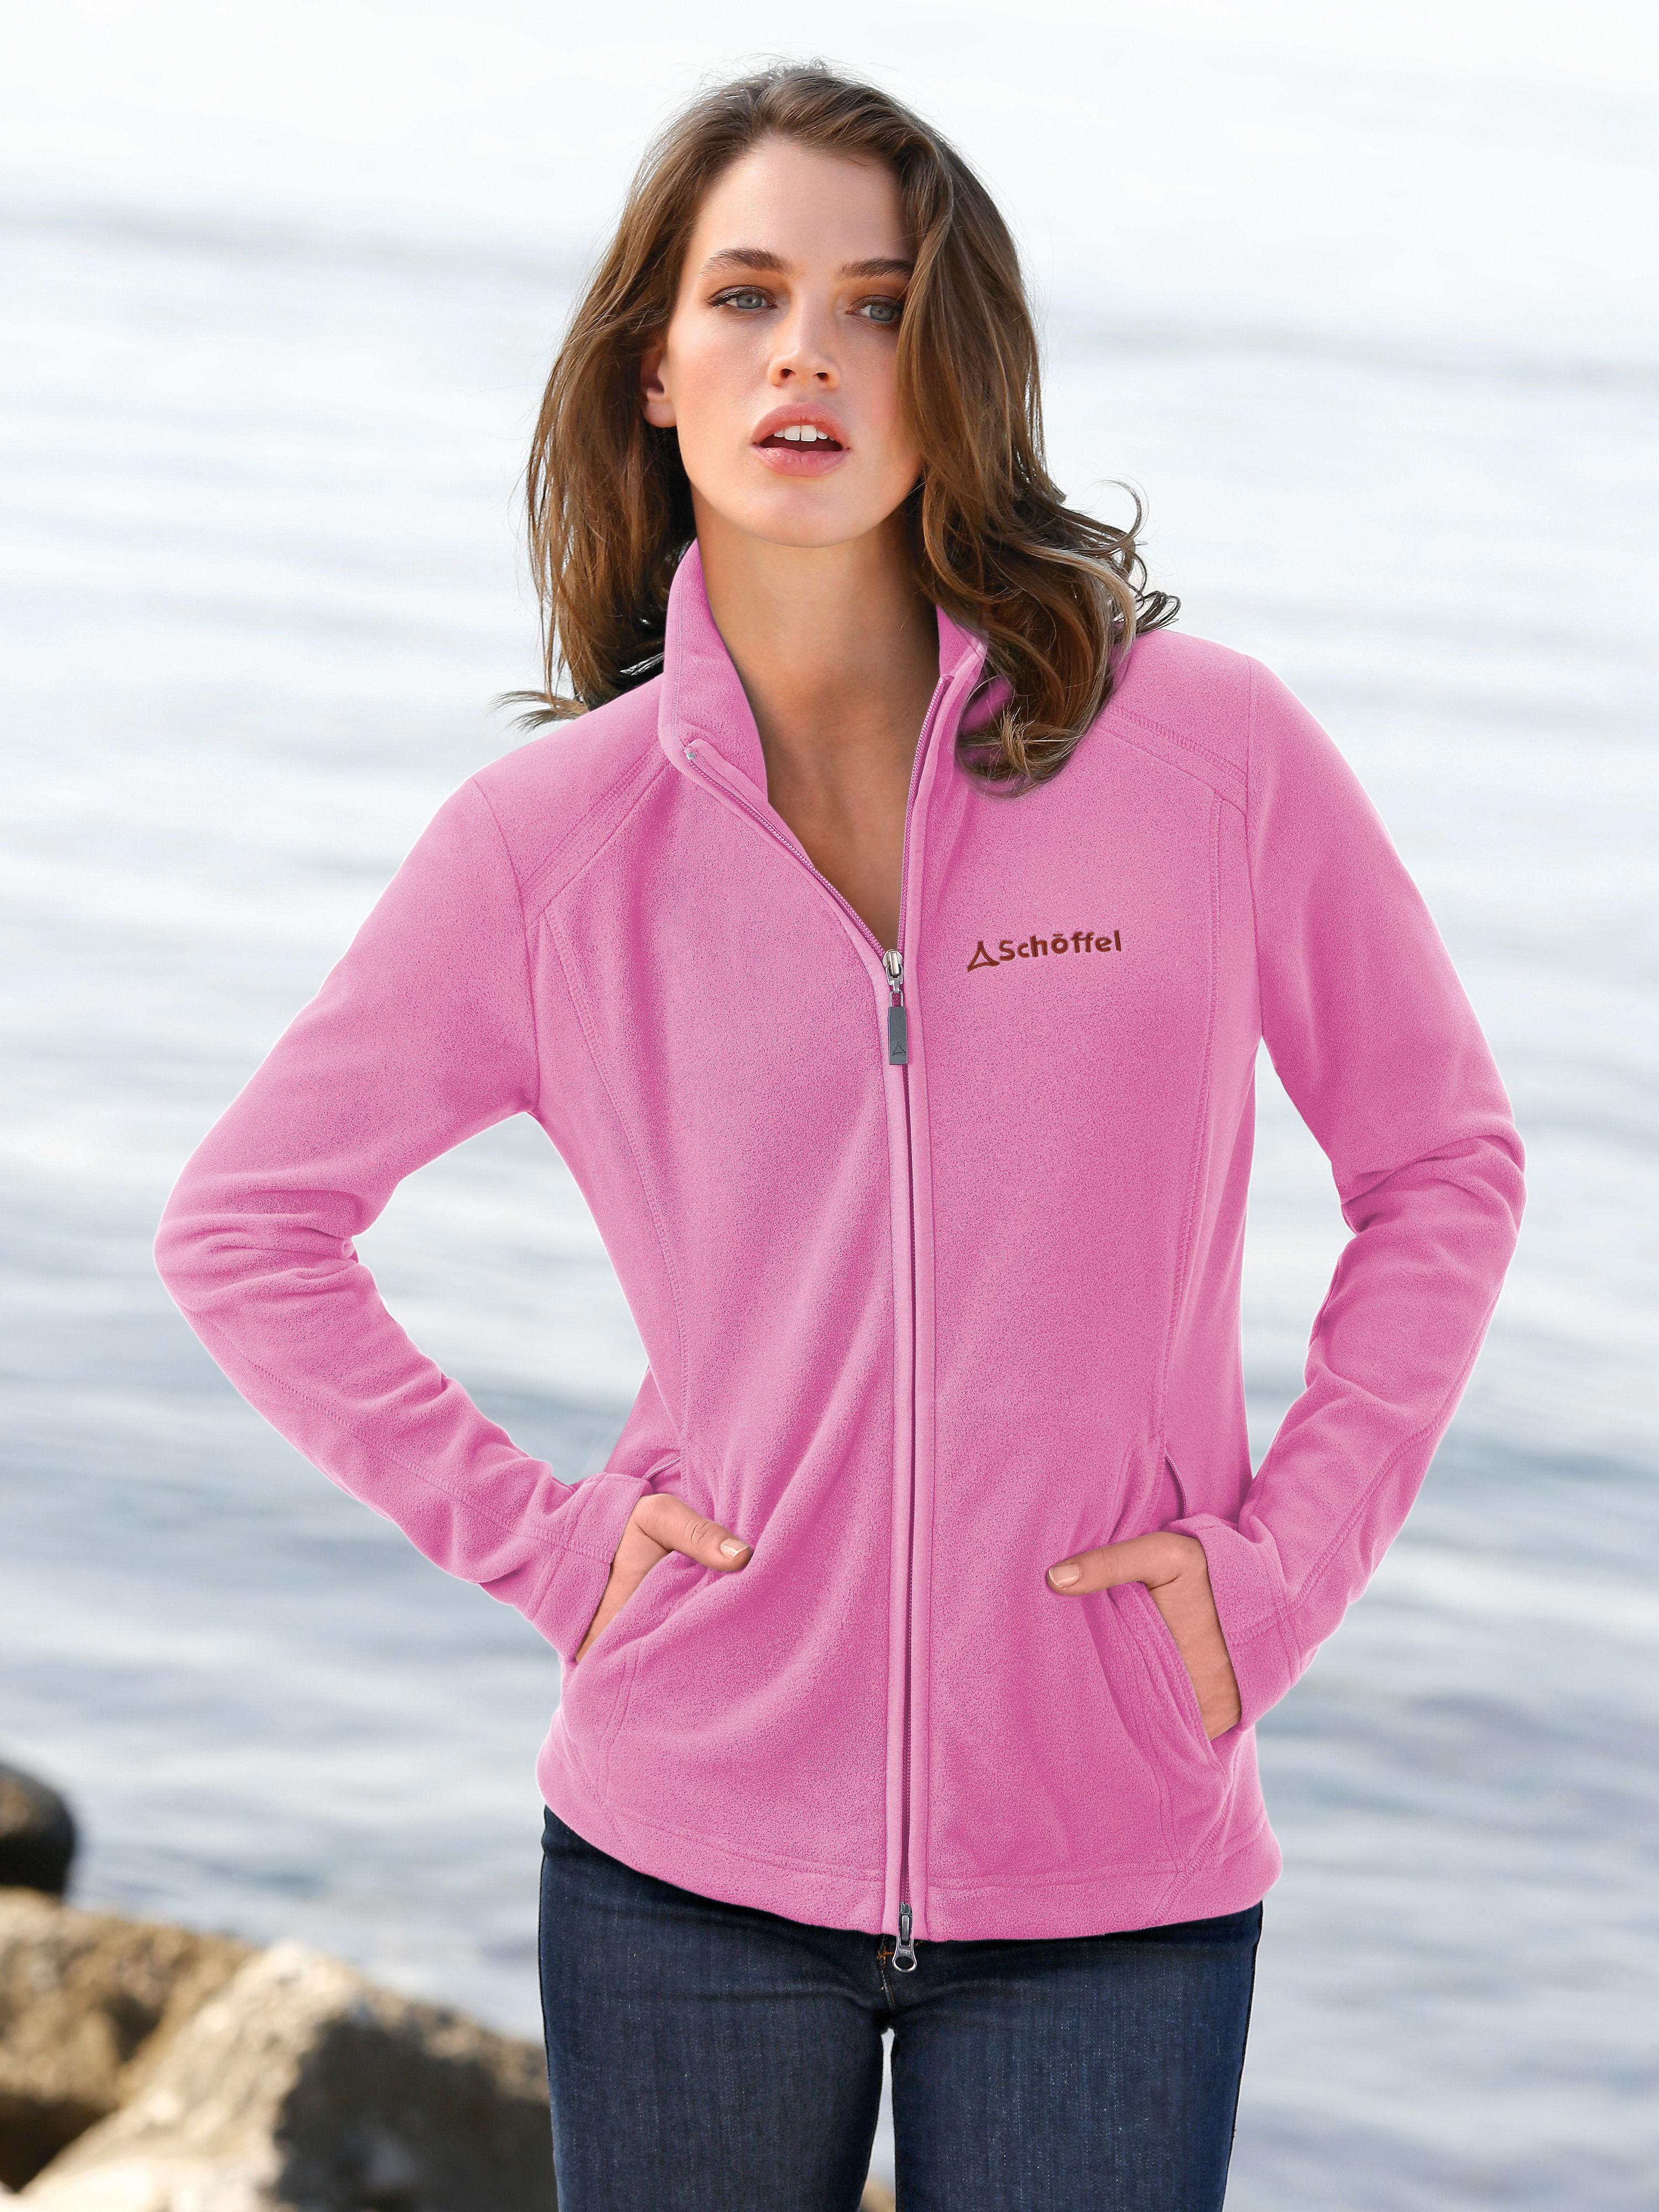 Fleece-Jacke - Modell LEONA Schöffel rosé Größe: 46 von Peter Hahn - DE in black - Schwarz für 69,95€